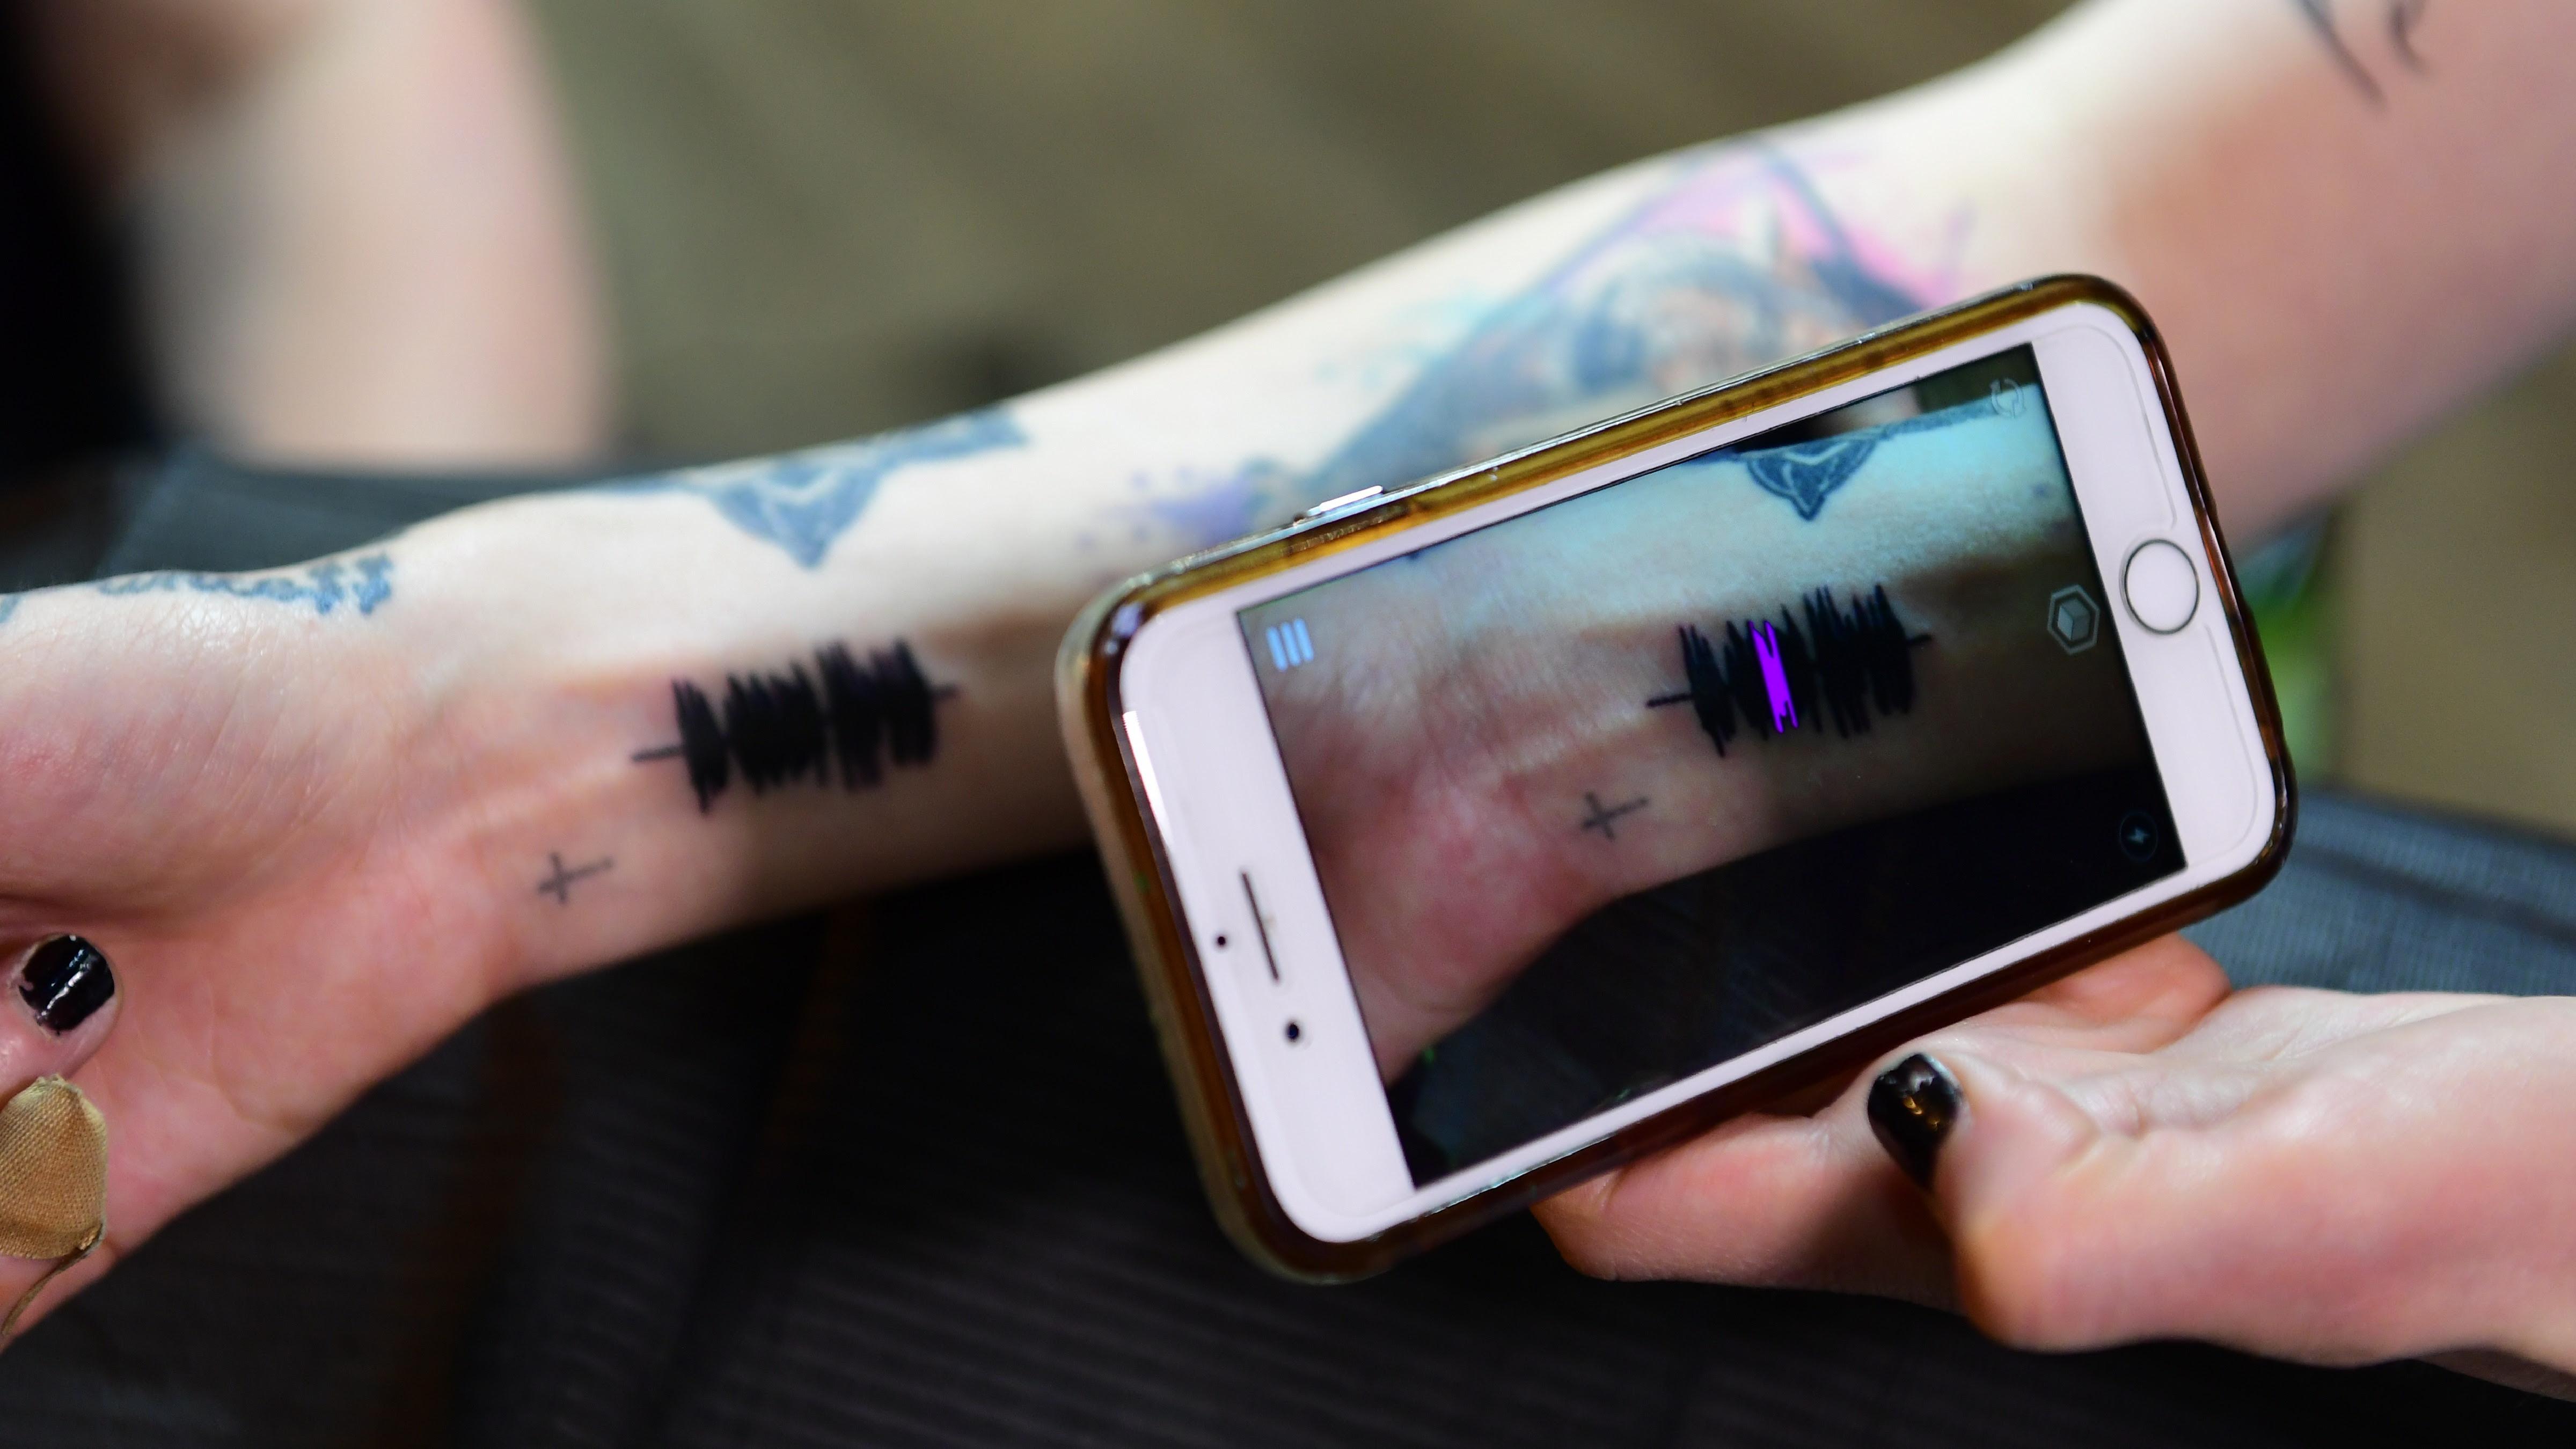 Tatuajes Con Sonido La Nueva Moda En Los Estados Unidos Rpp Noticias